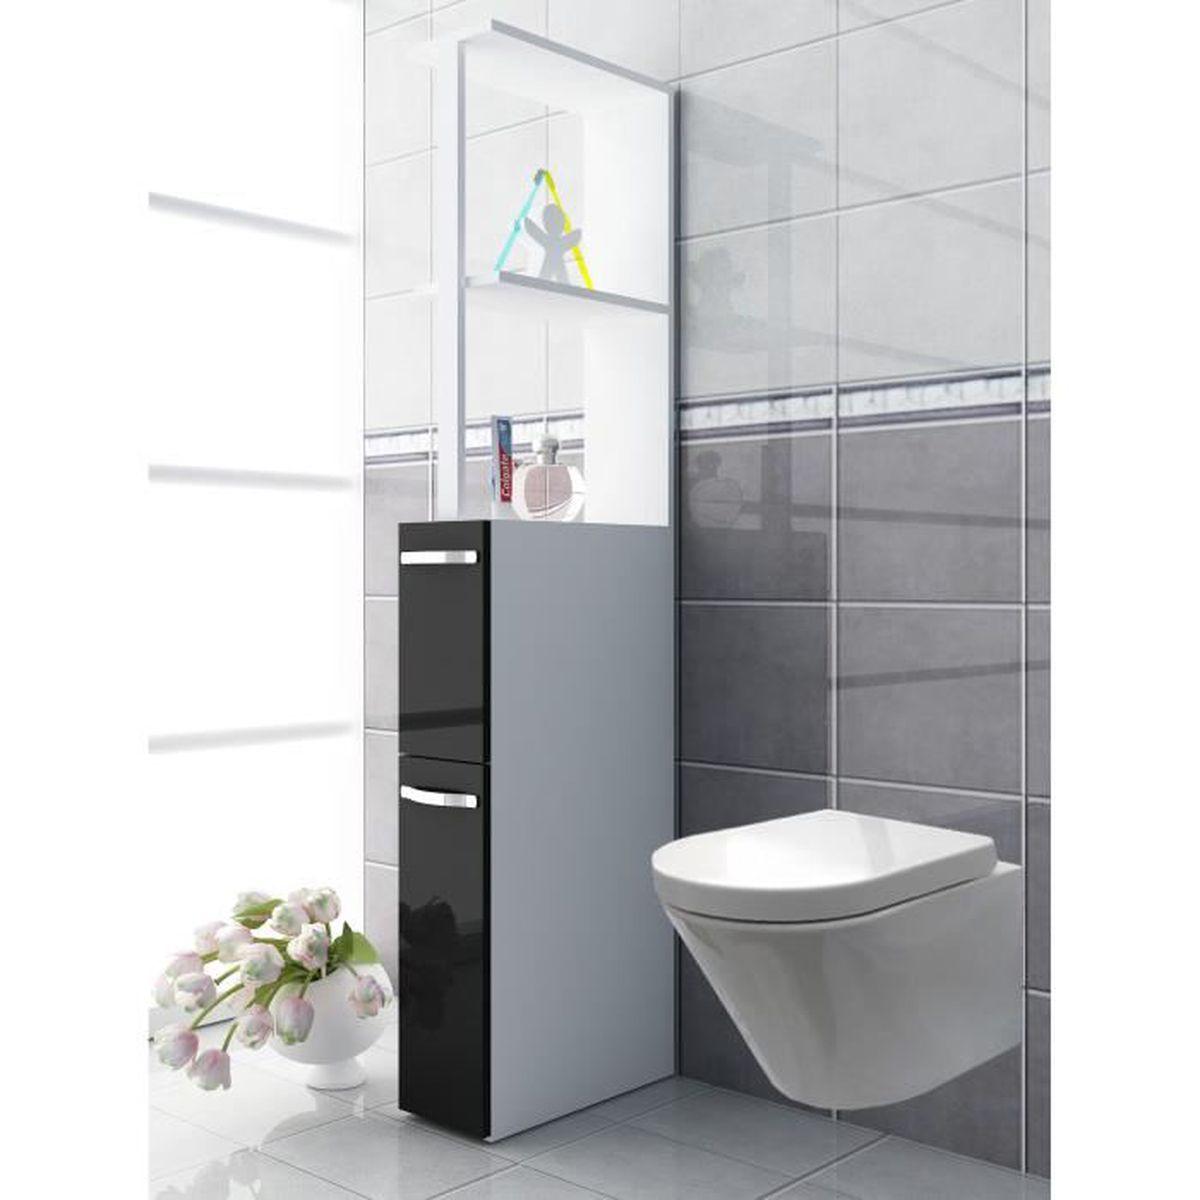 Vcm armoir niche tilosa pour salle de bain wc achat for Achat salle de bain complete